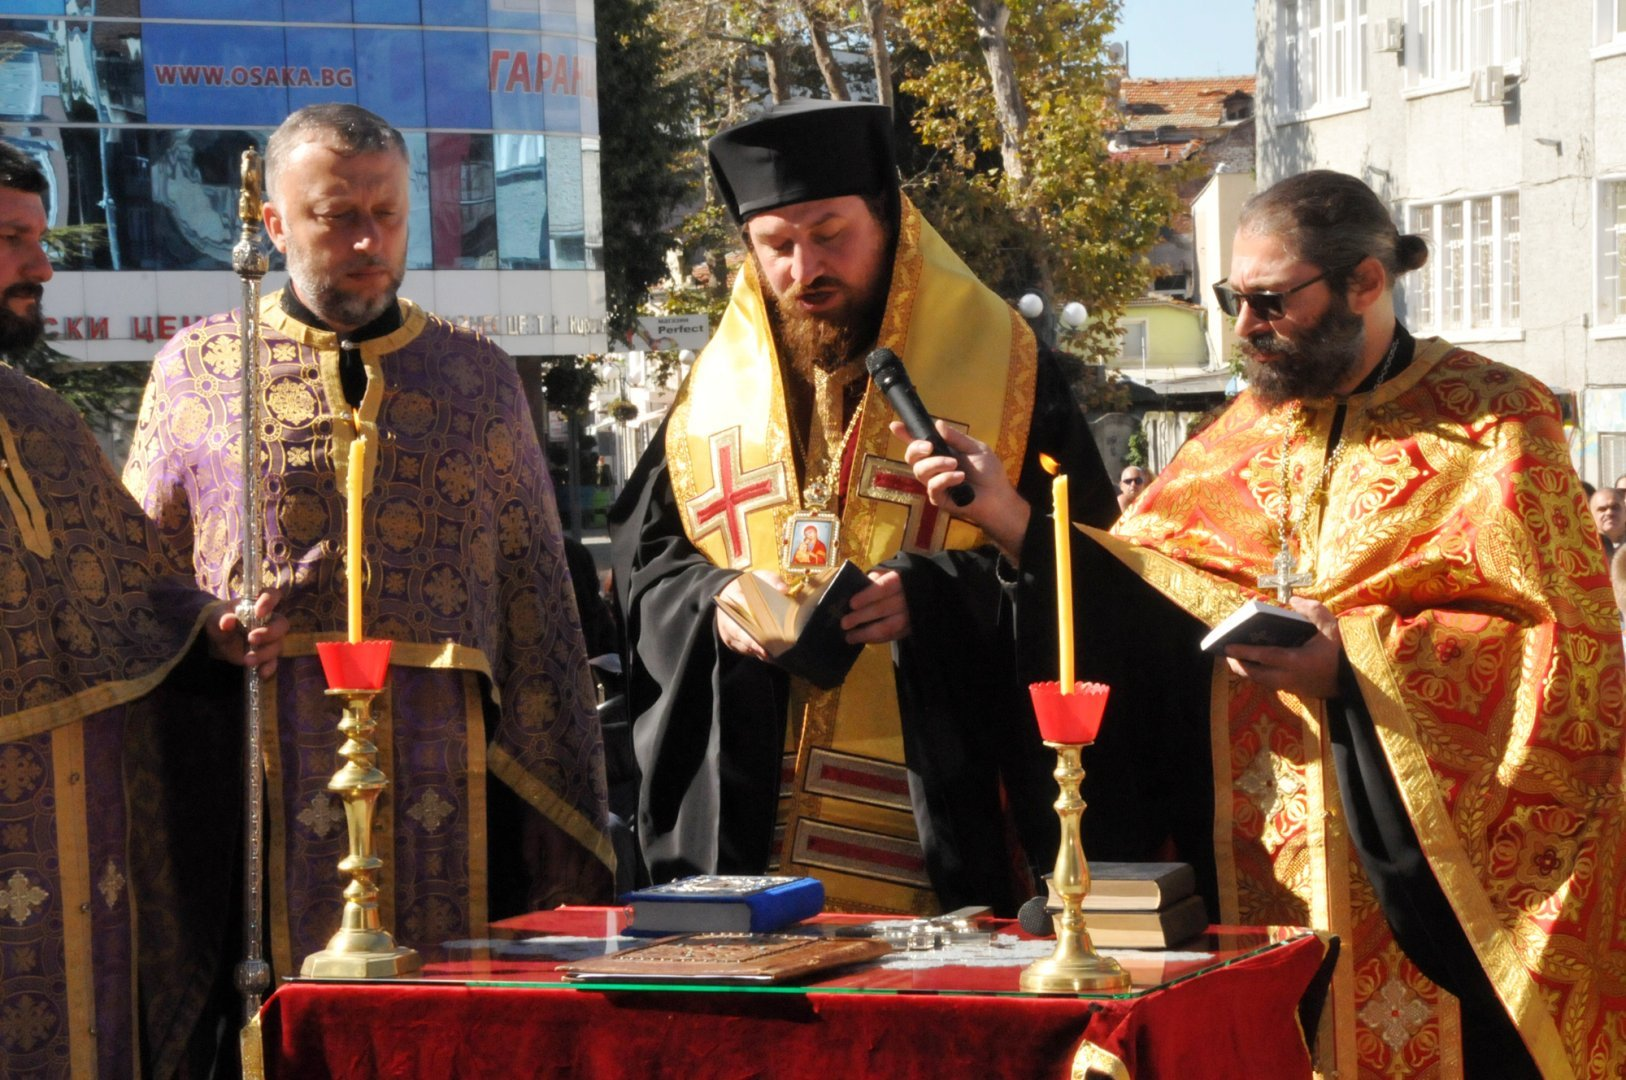 Агатополският епископ Иеротей (в средата) ще служи тази вечер пред бургаския храм Св. св. Кирил и Методий. Снимка Архив Черноморие-бг